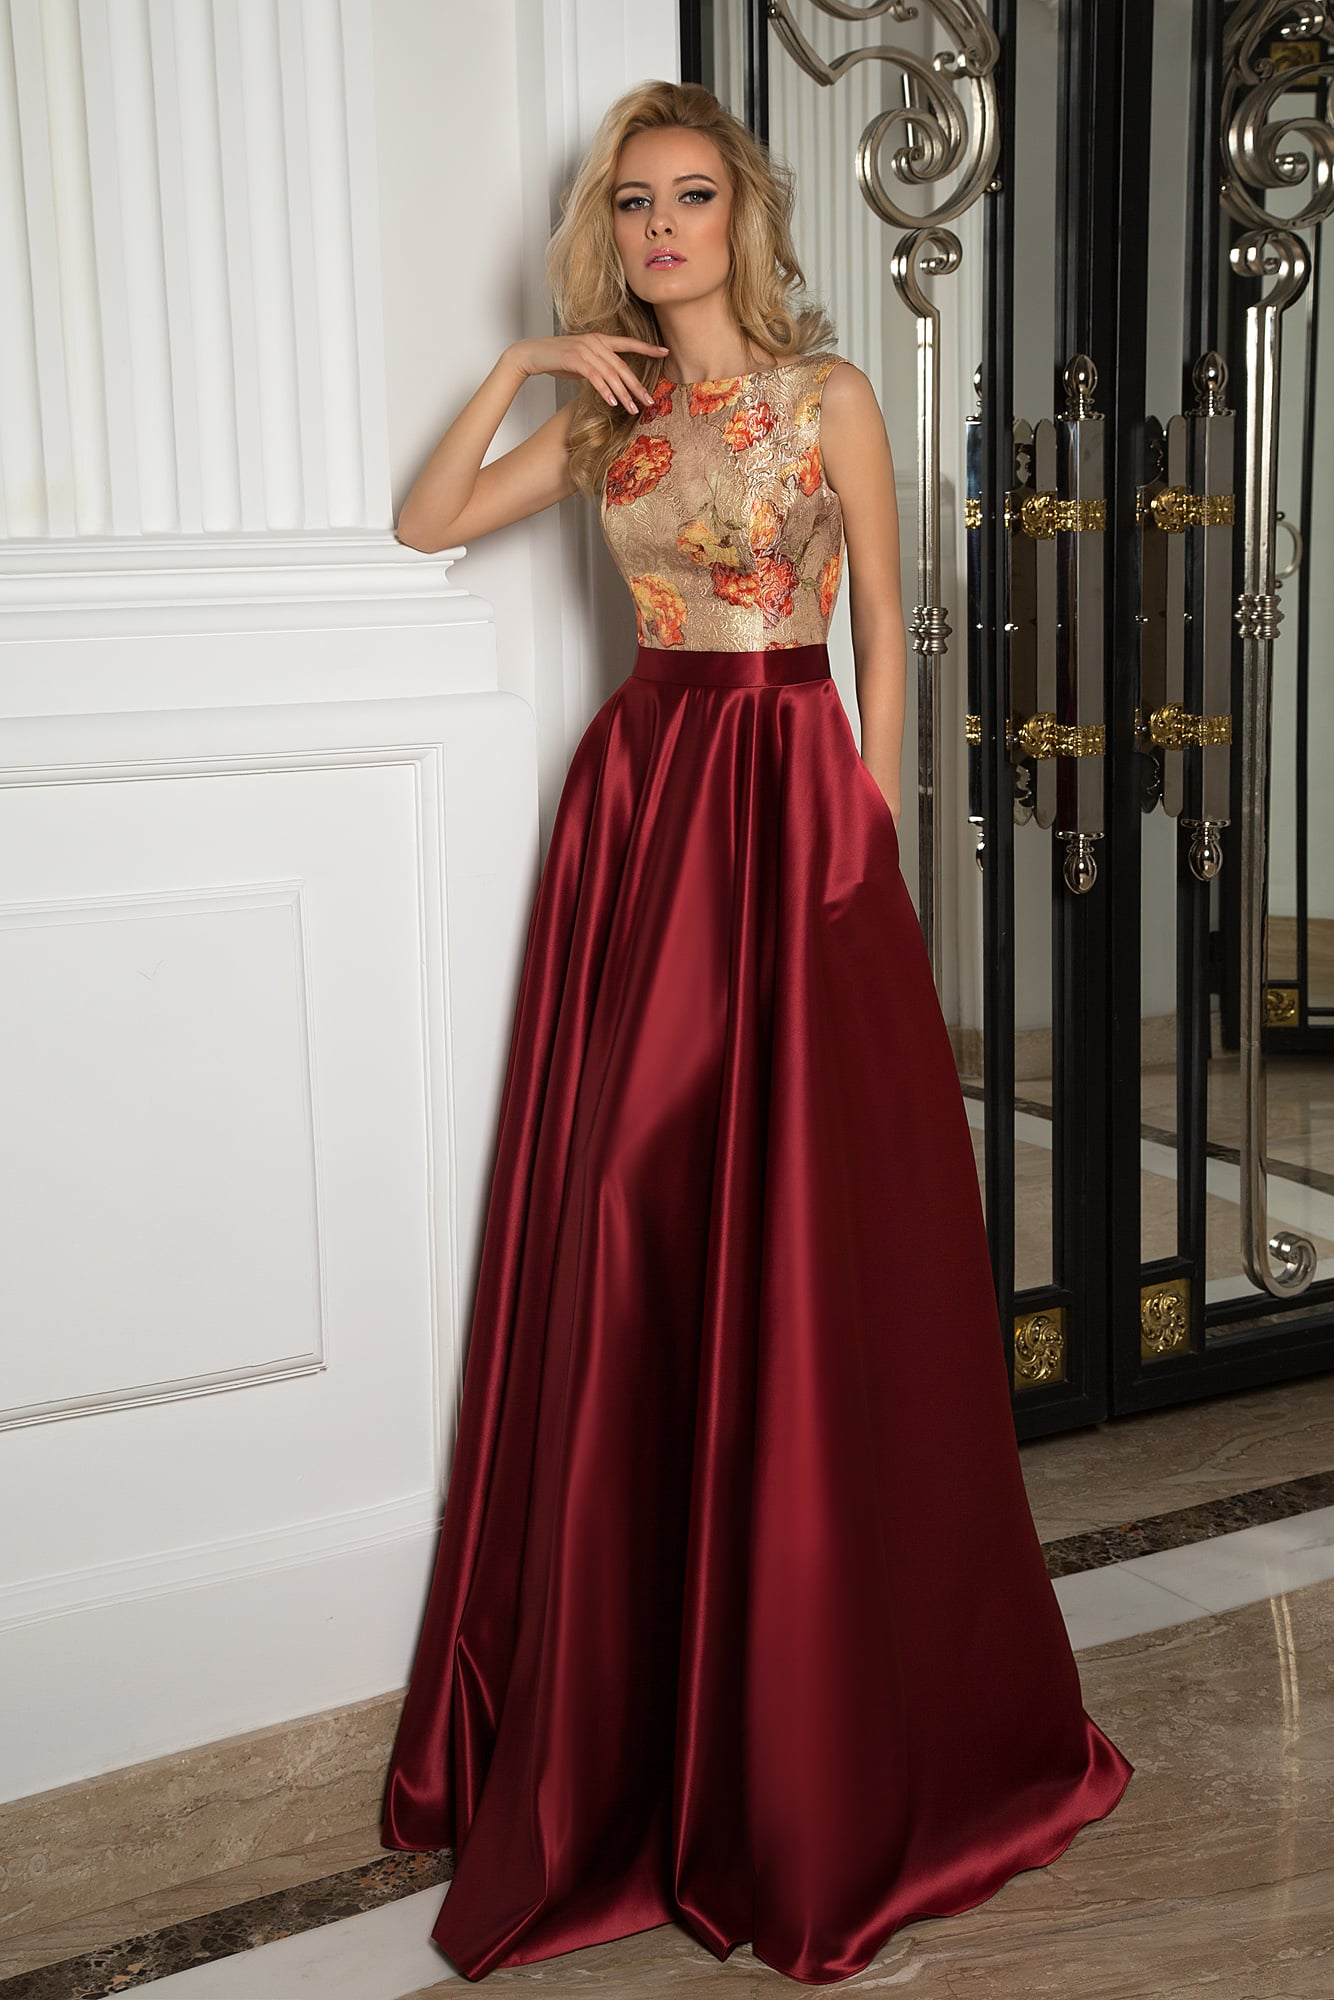 f6e92a373f6 Пышное вечернее платье с бордовой юбкой и закрытым верхом с цветочным  узором.